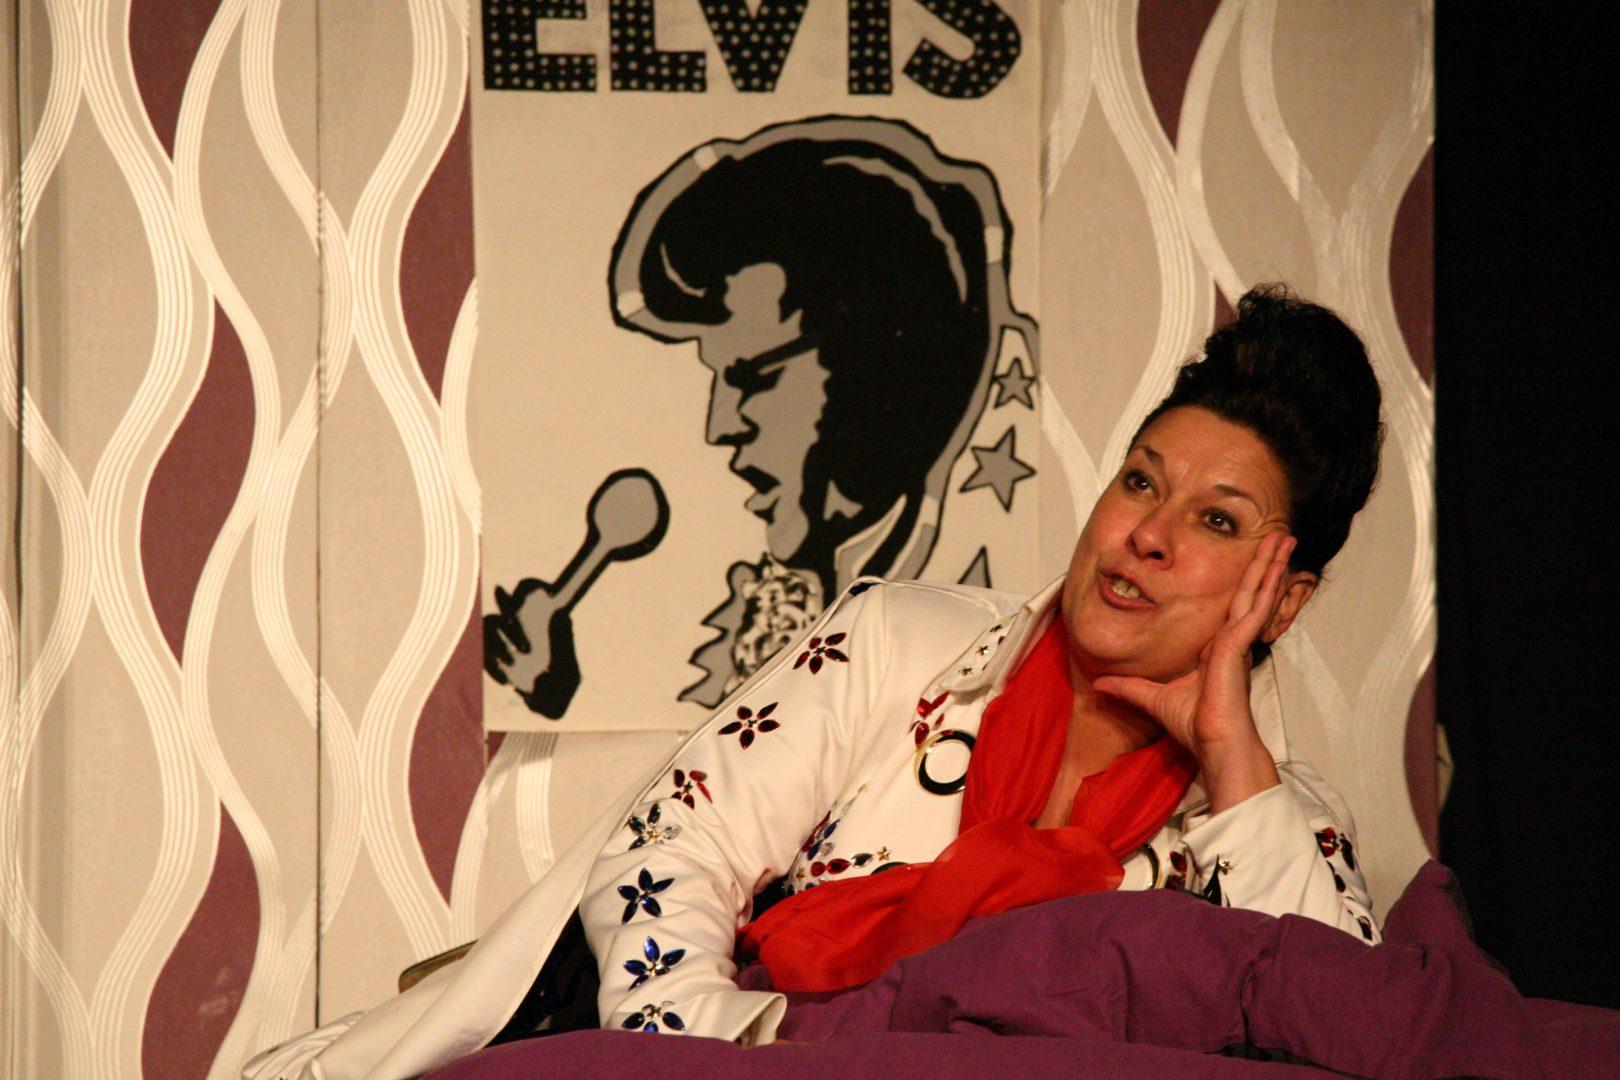 Aye, Elvis